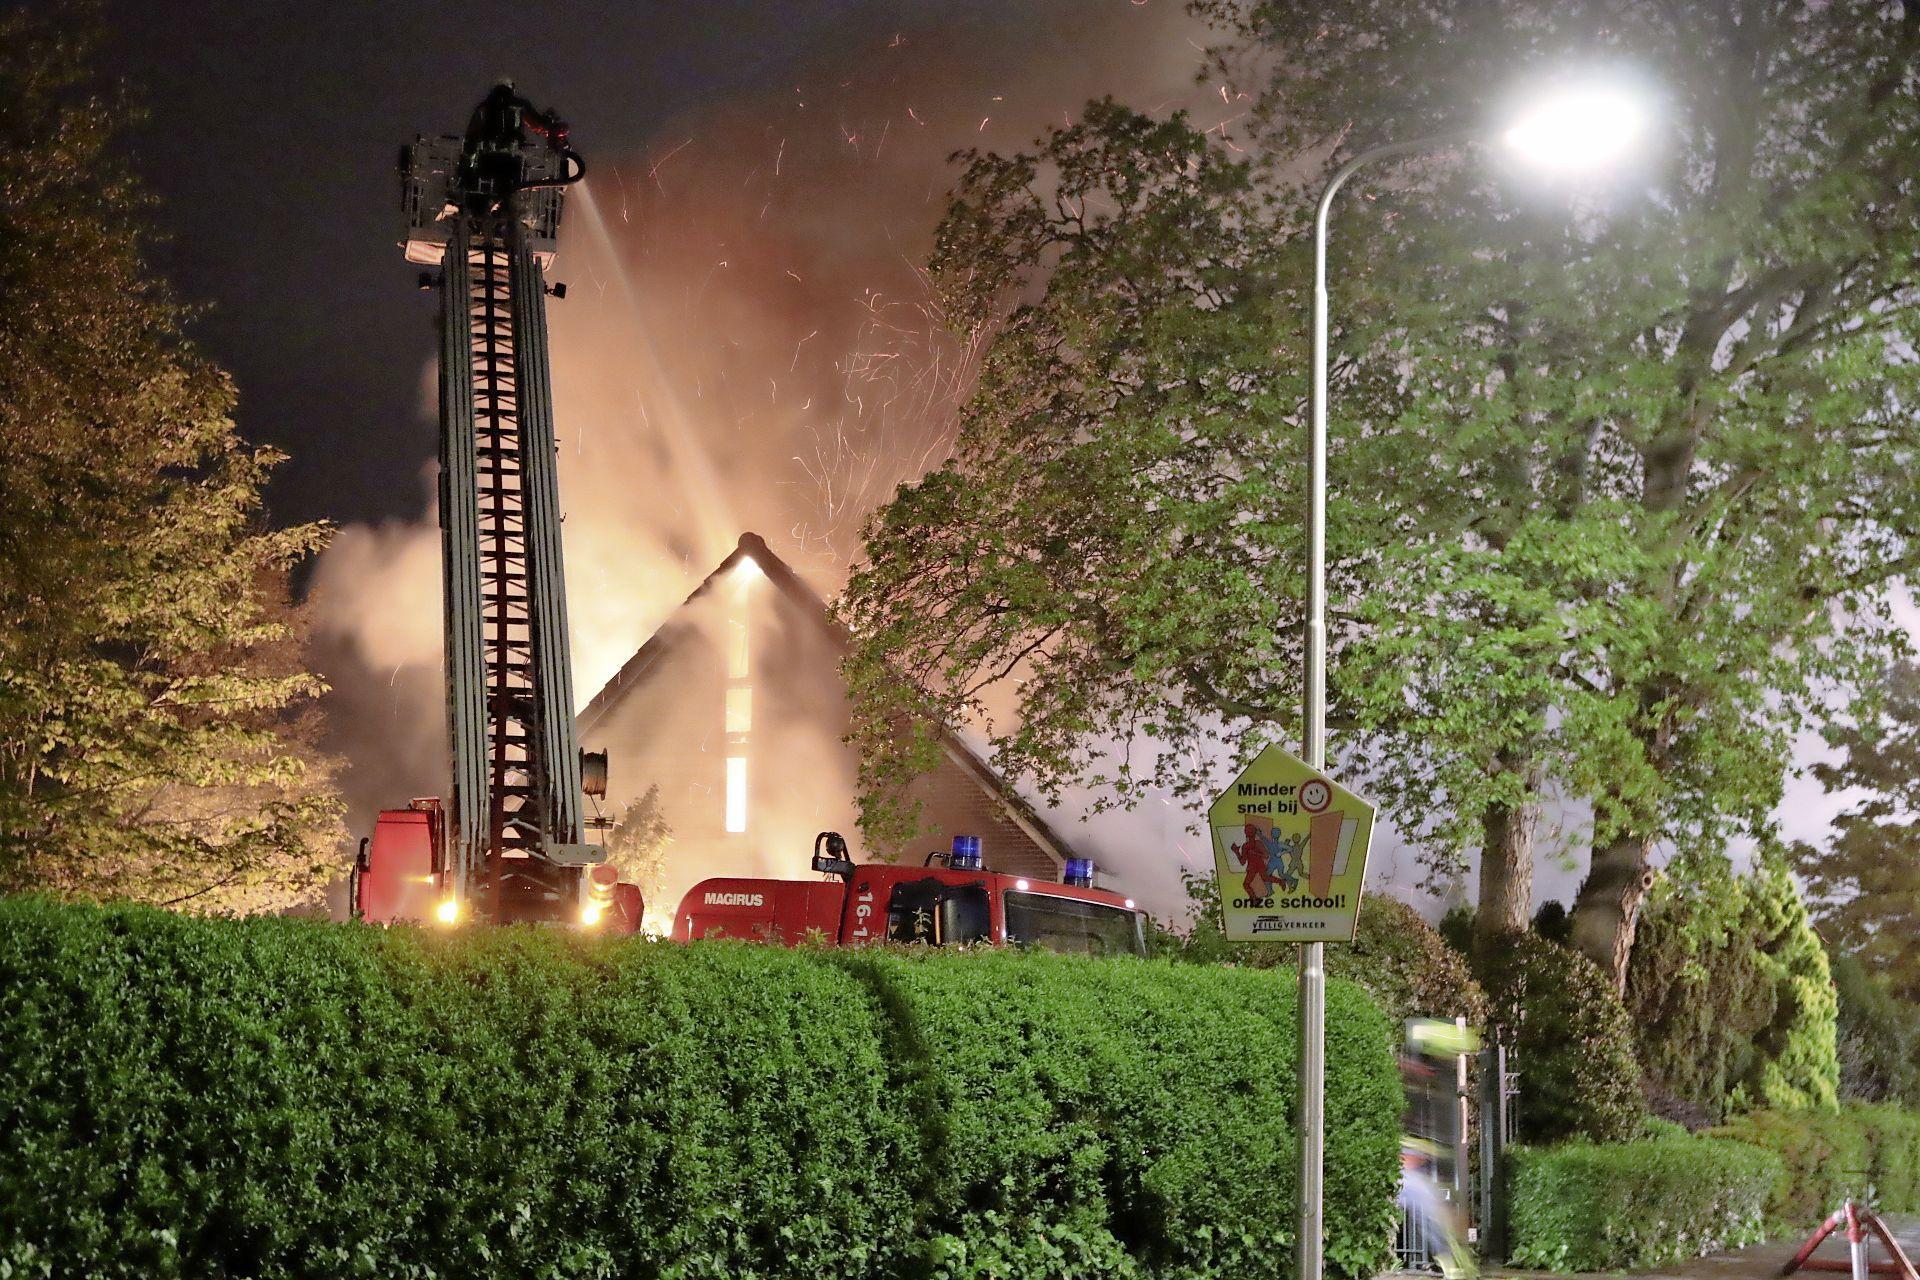 Vrijstaand huis in Lisse brandt volledig uit, brandweer gaat uit van kortsluiting [video]